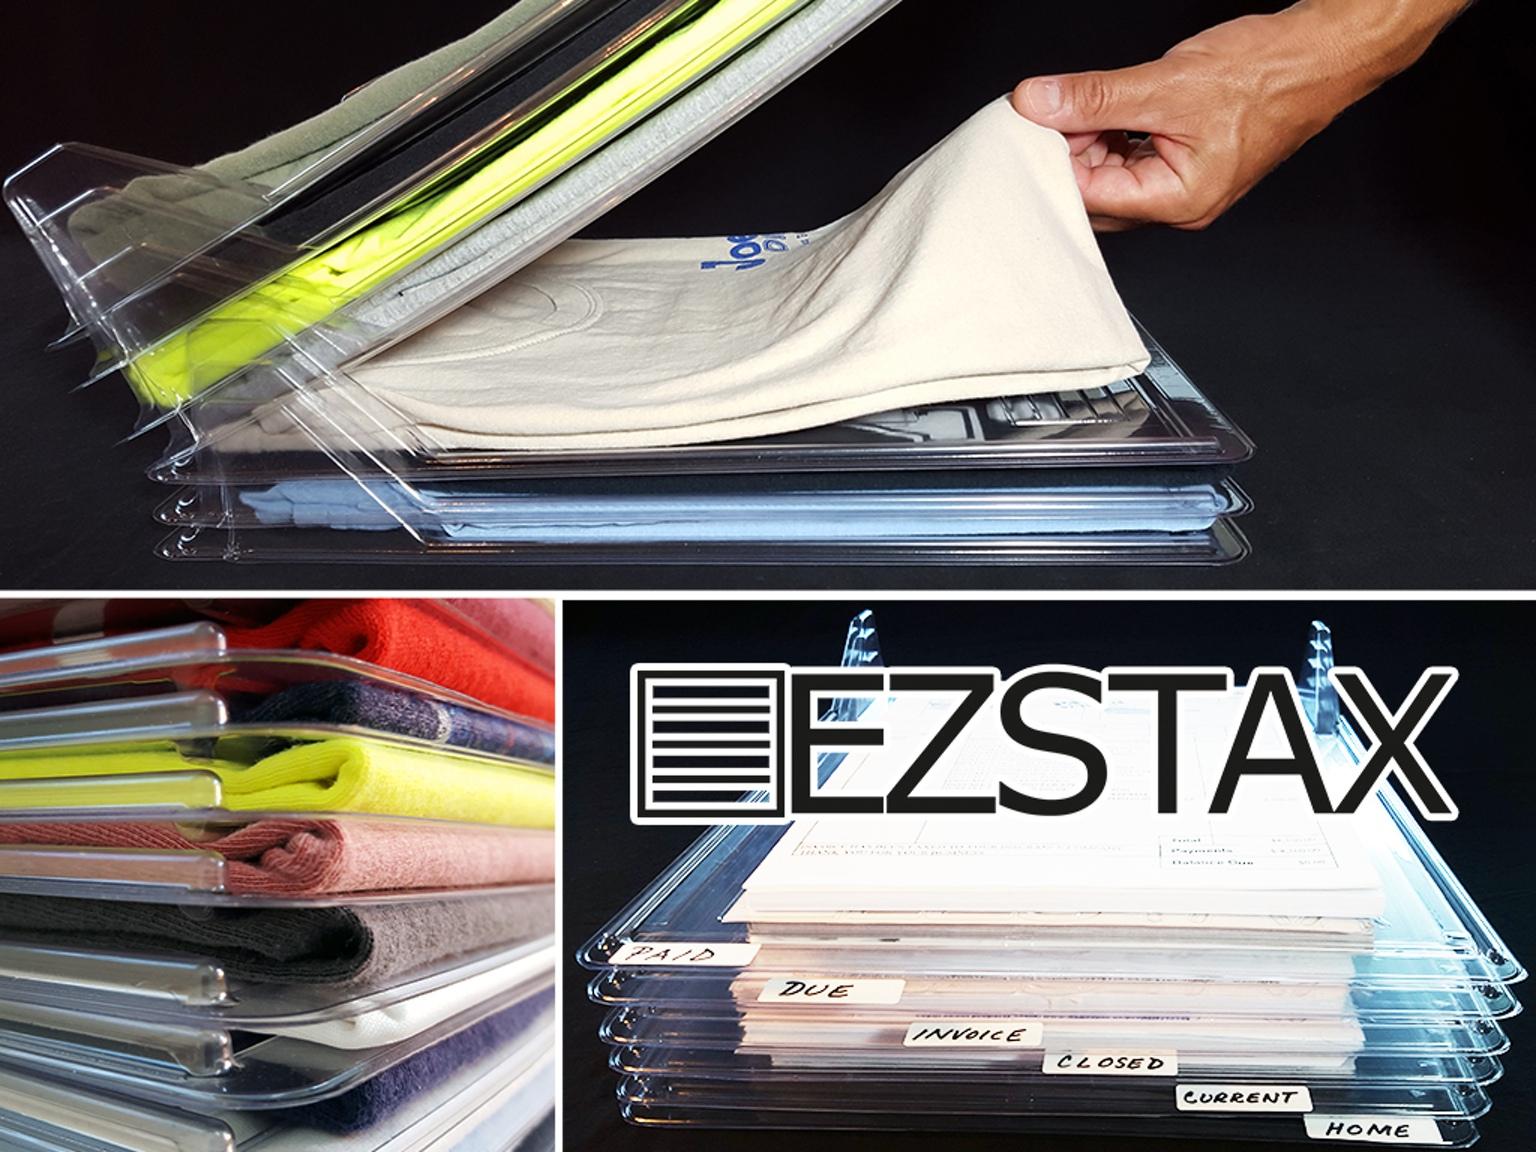 衣柜再也不会乱 收纳神器EZStax